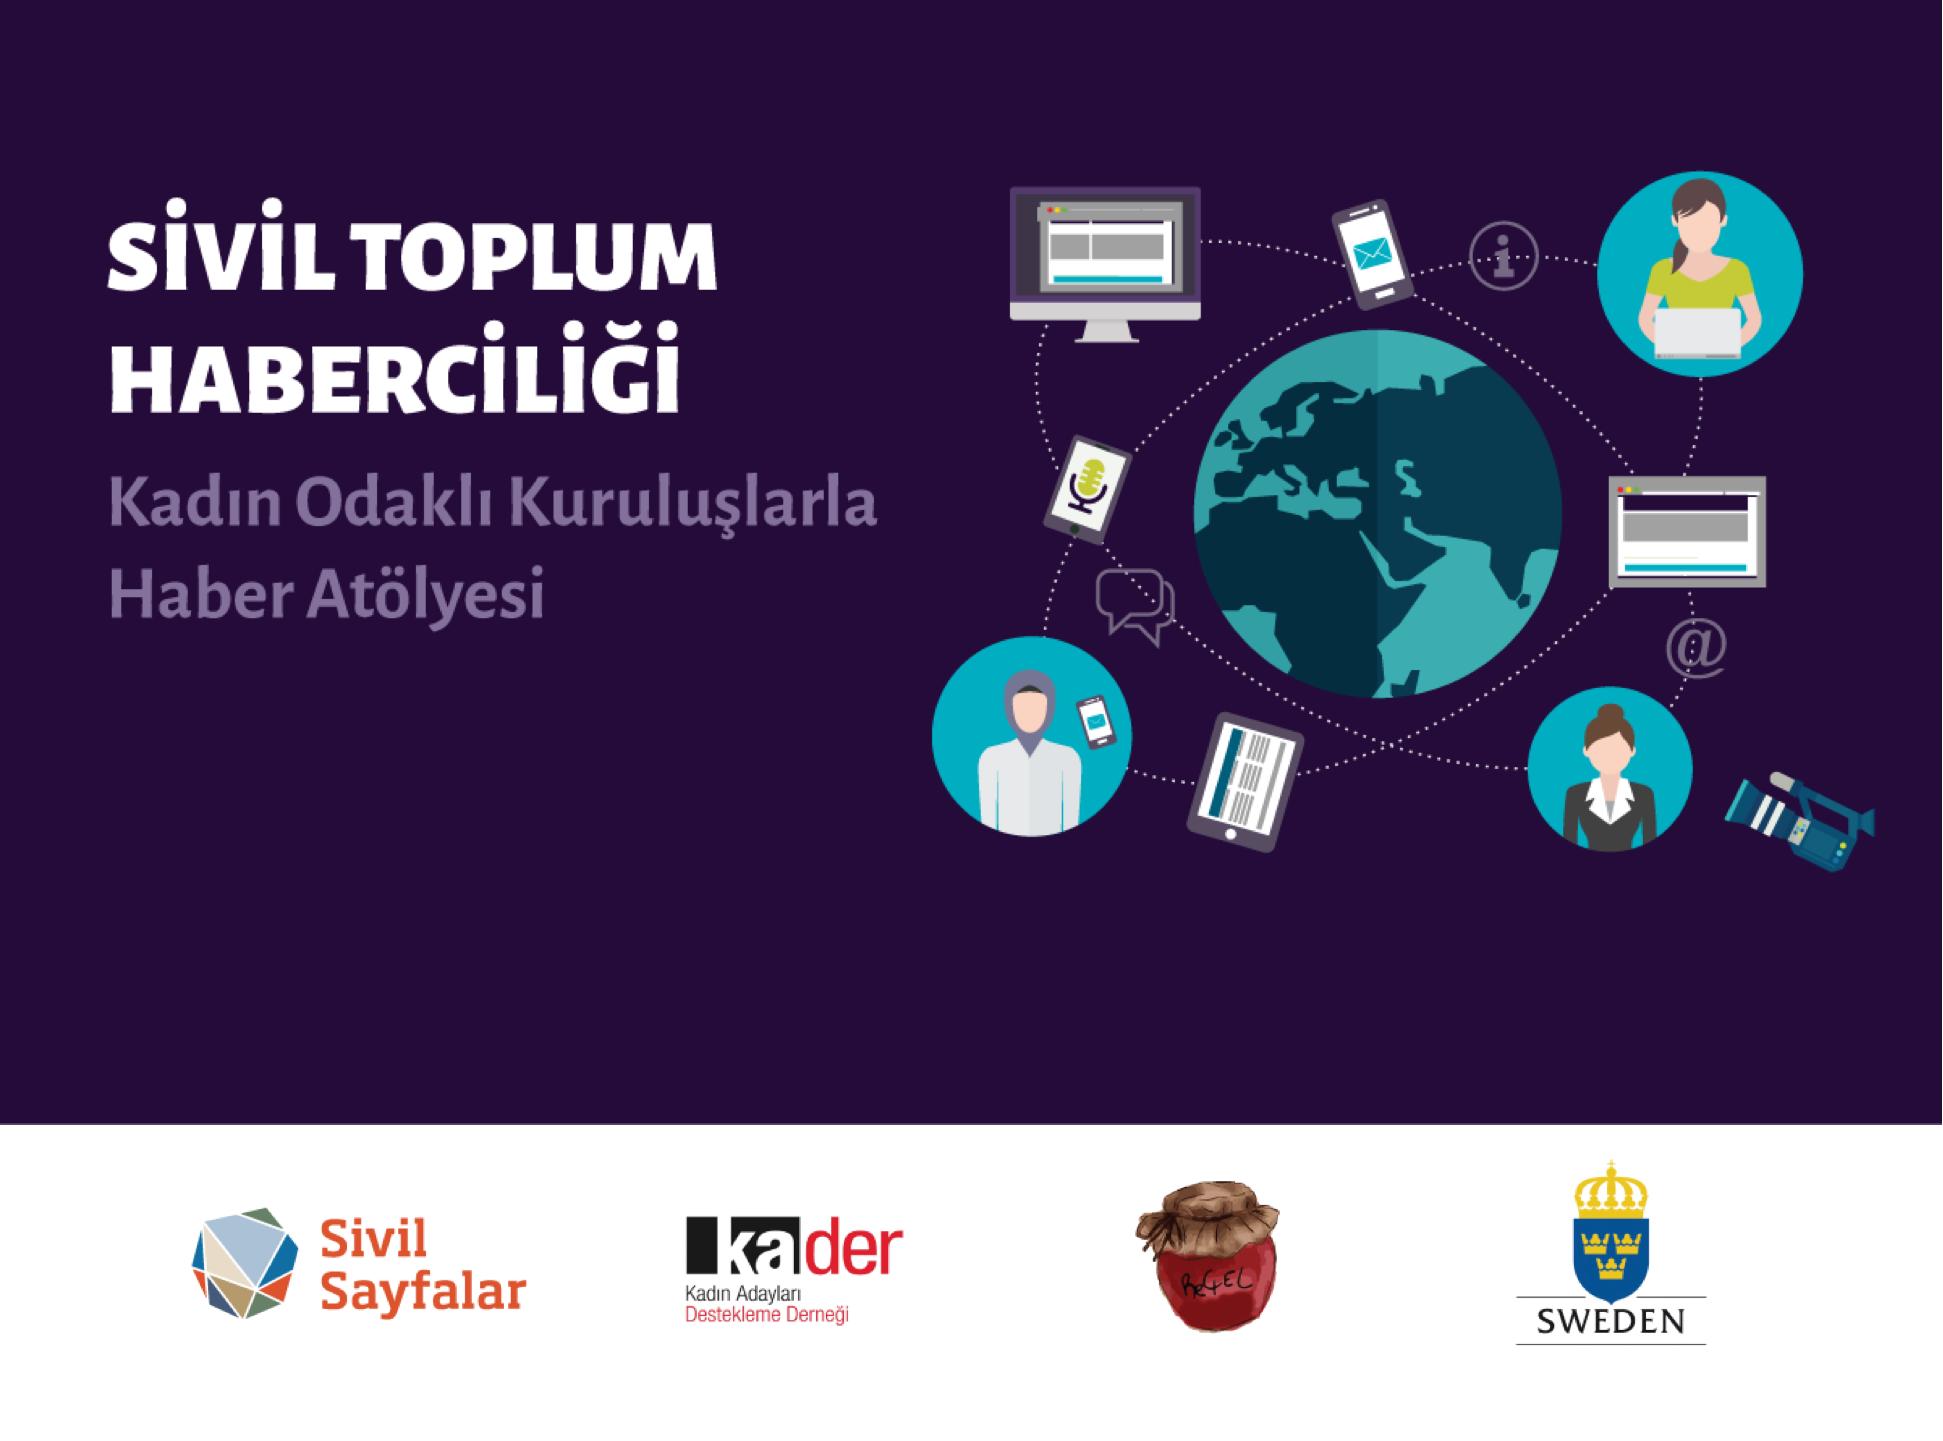 Sivil Toplum Haberciliği – Kadın Odaklı Kuruluşlarla Haber Atölyesi – Diyarbakır başvuruları açıldı